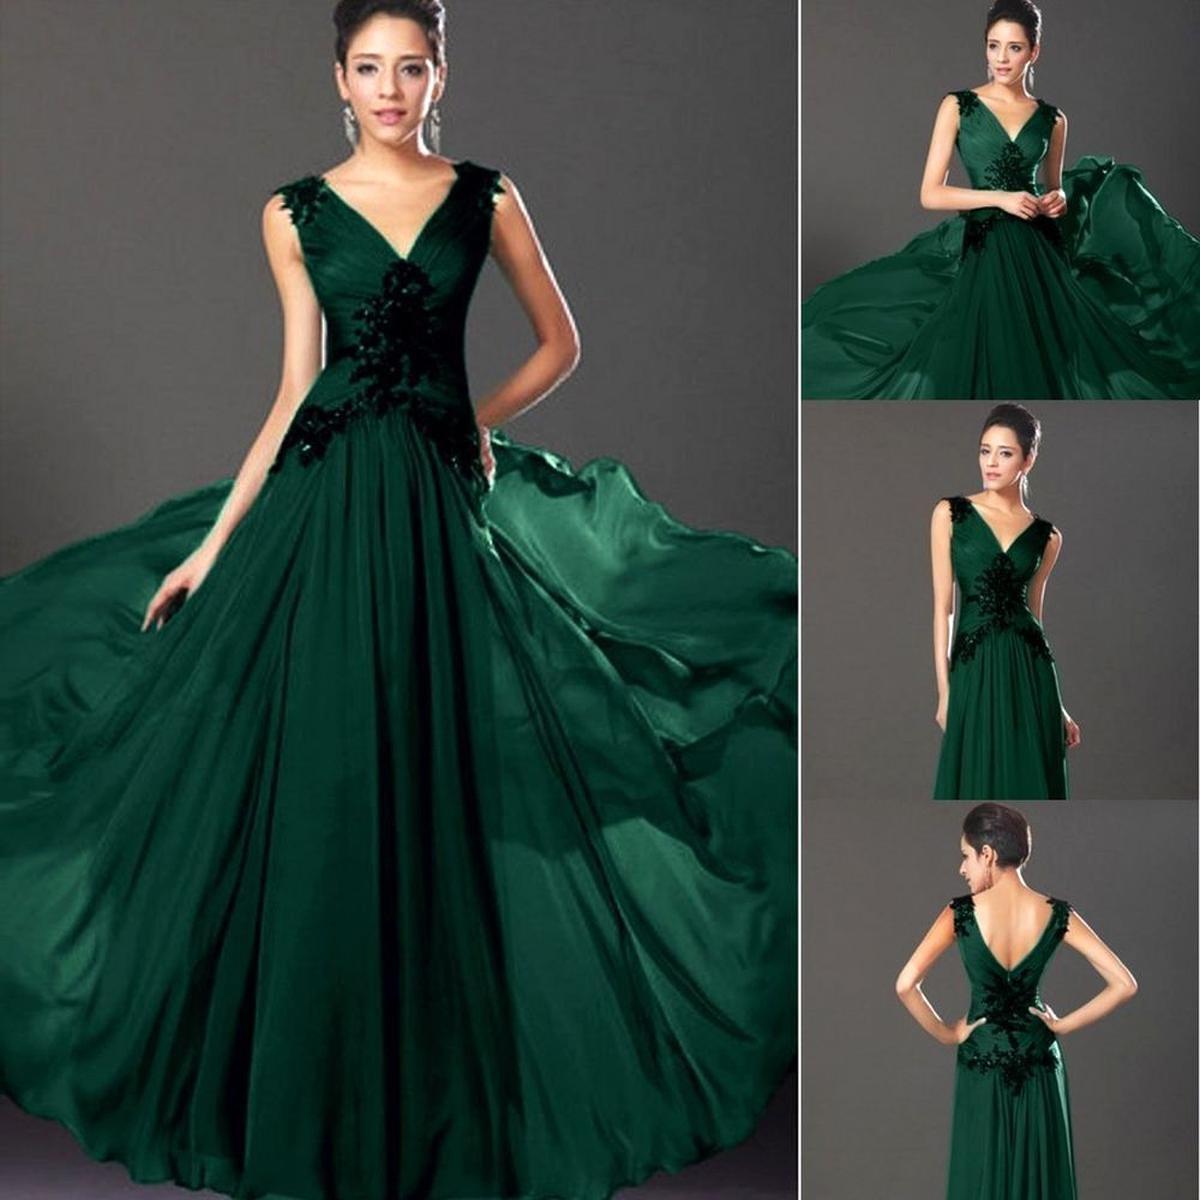 Abend Schön Abend Kleid Kaufen Design17 Ausgezeichnet Abend Kleid Kaufen Boutique